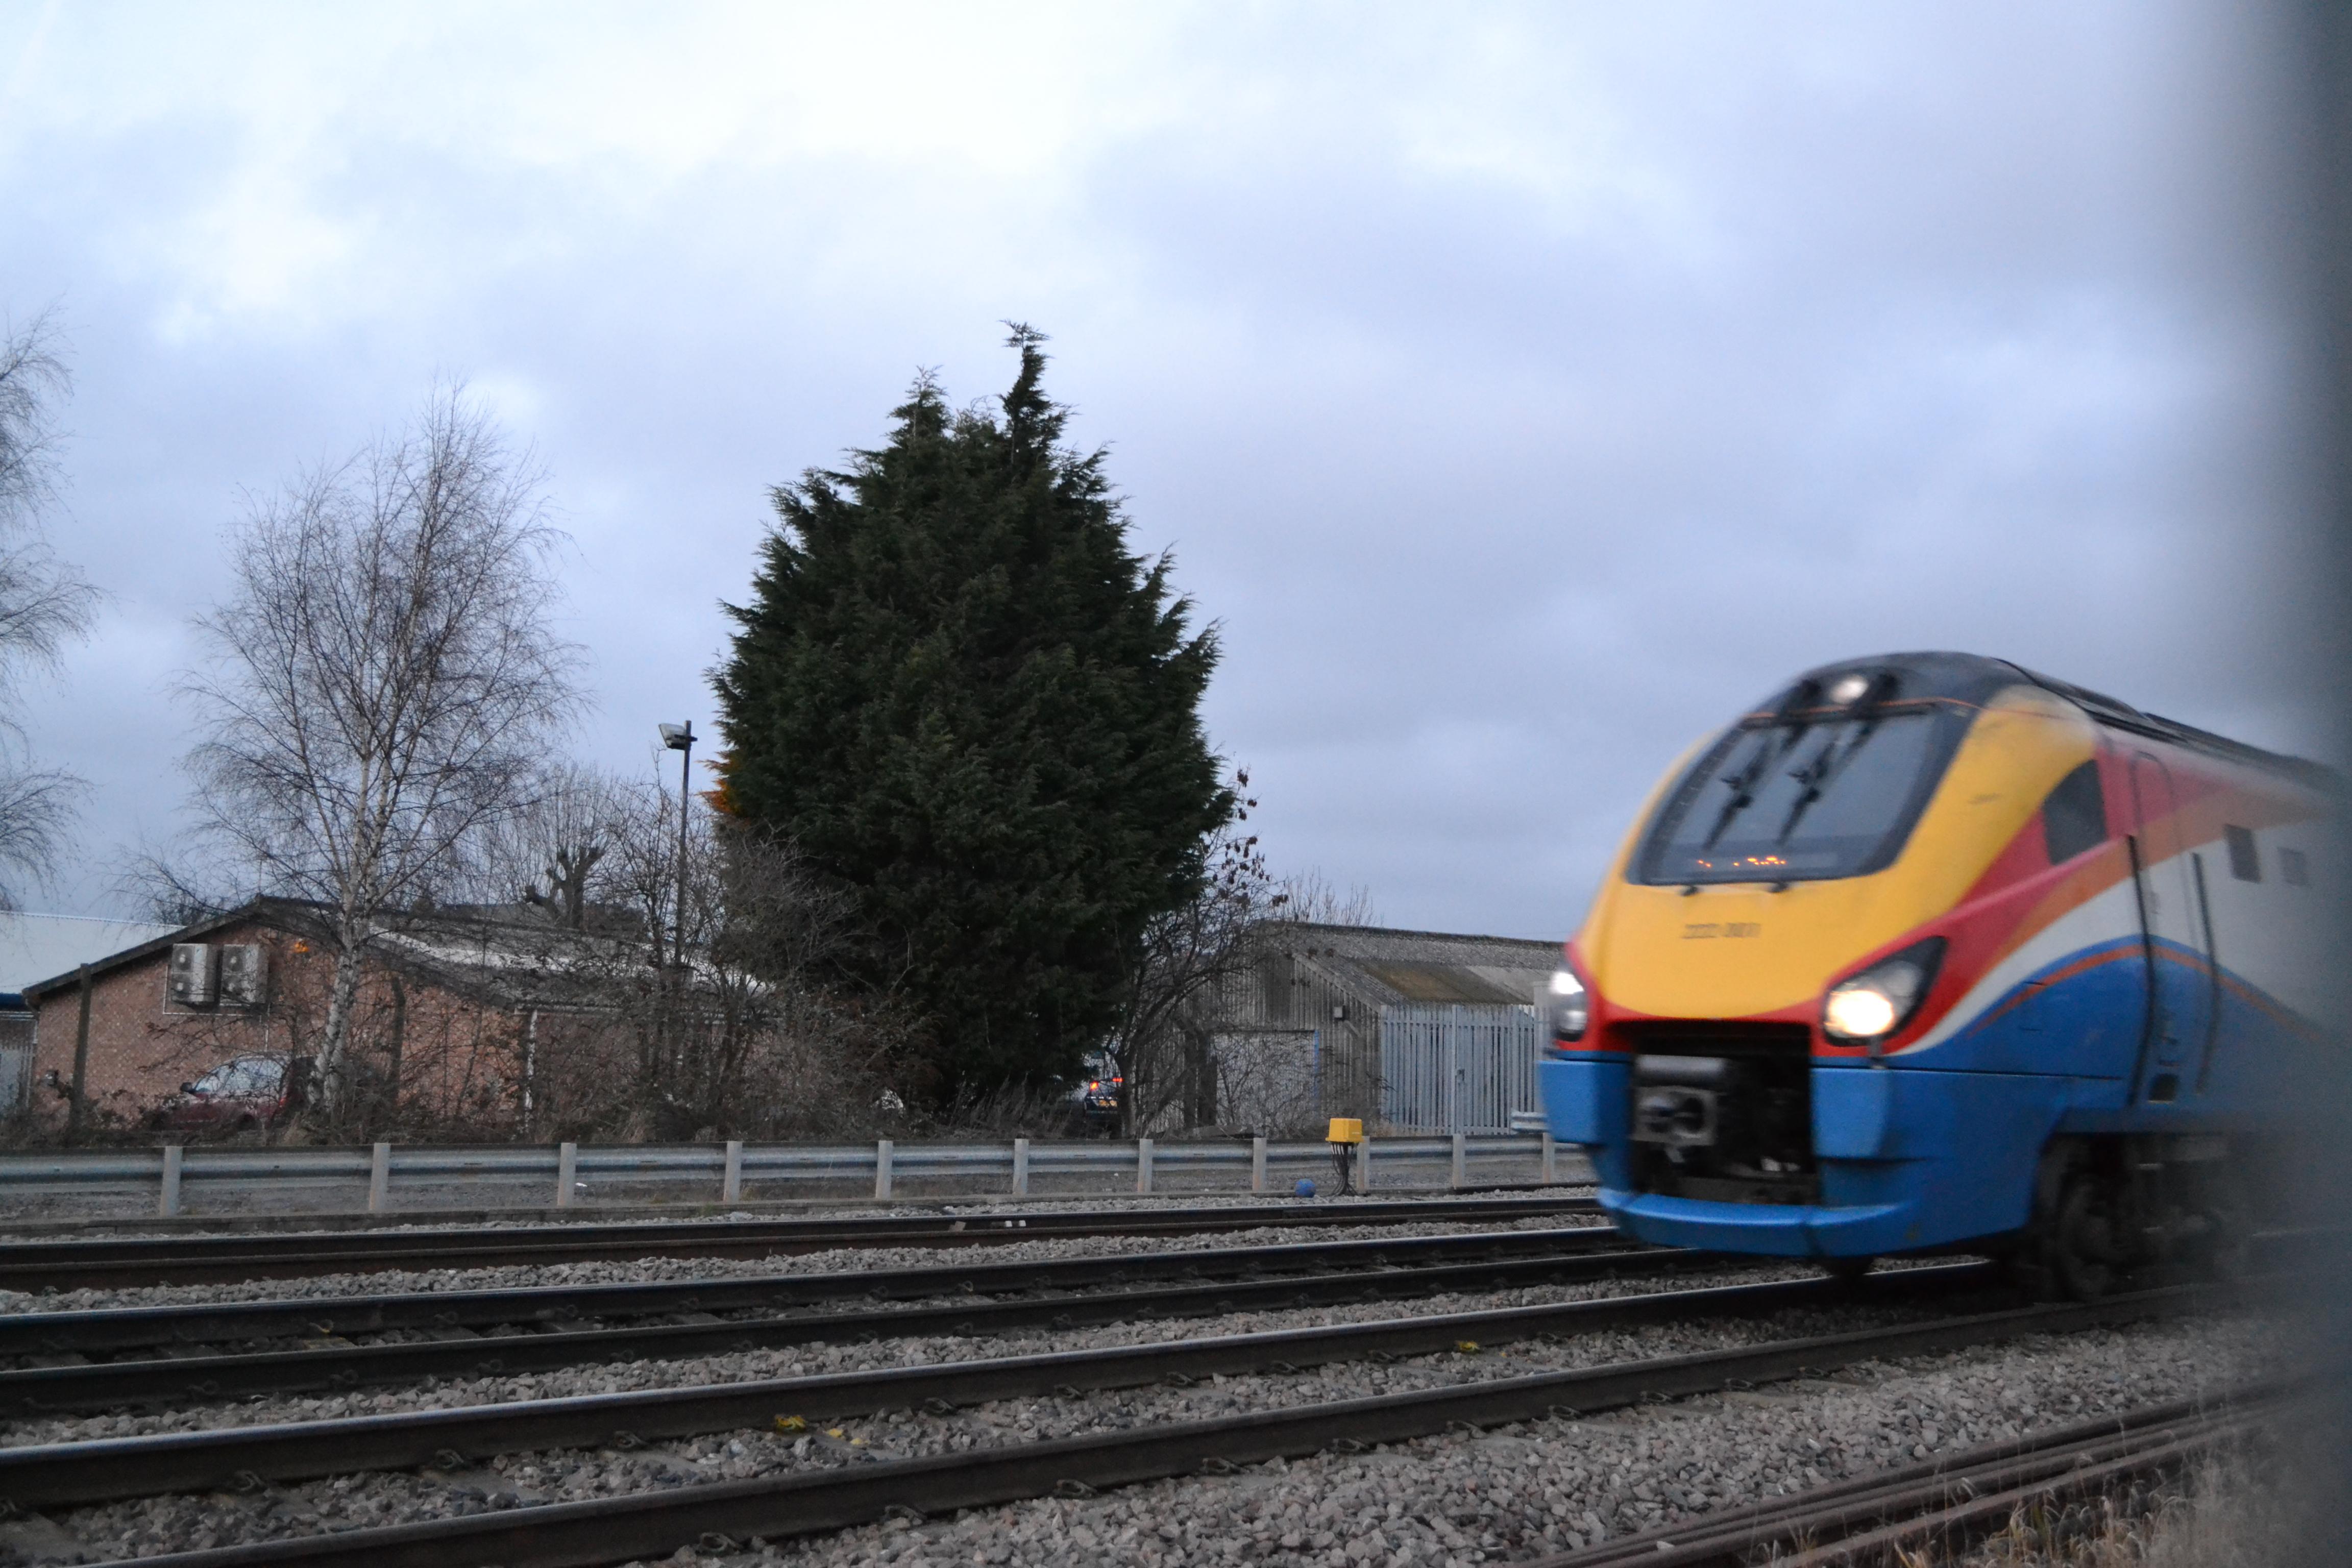 Class 222007 by DingRawD